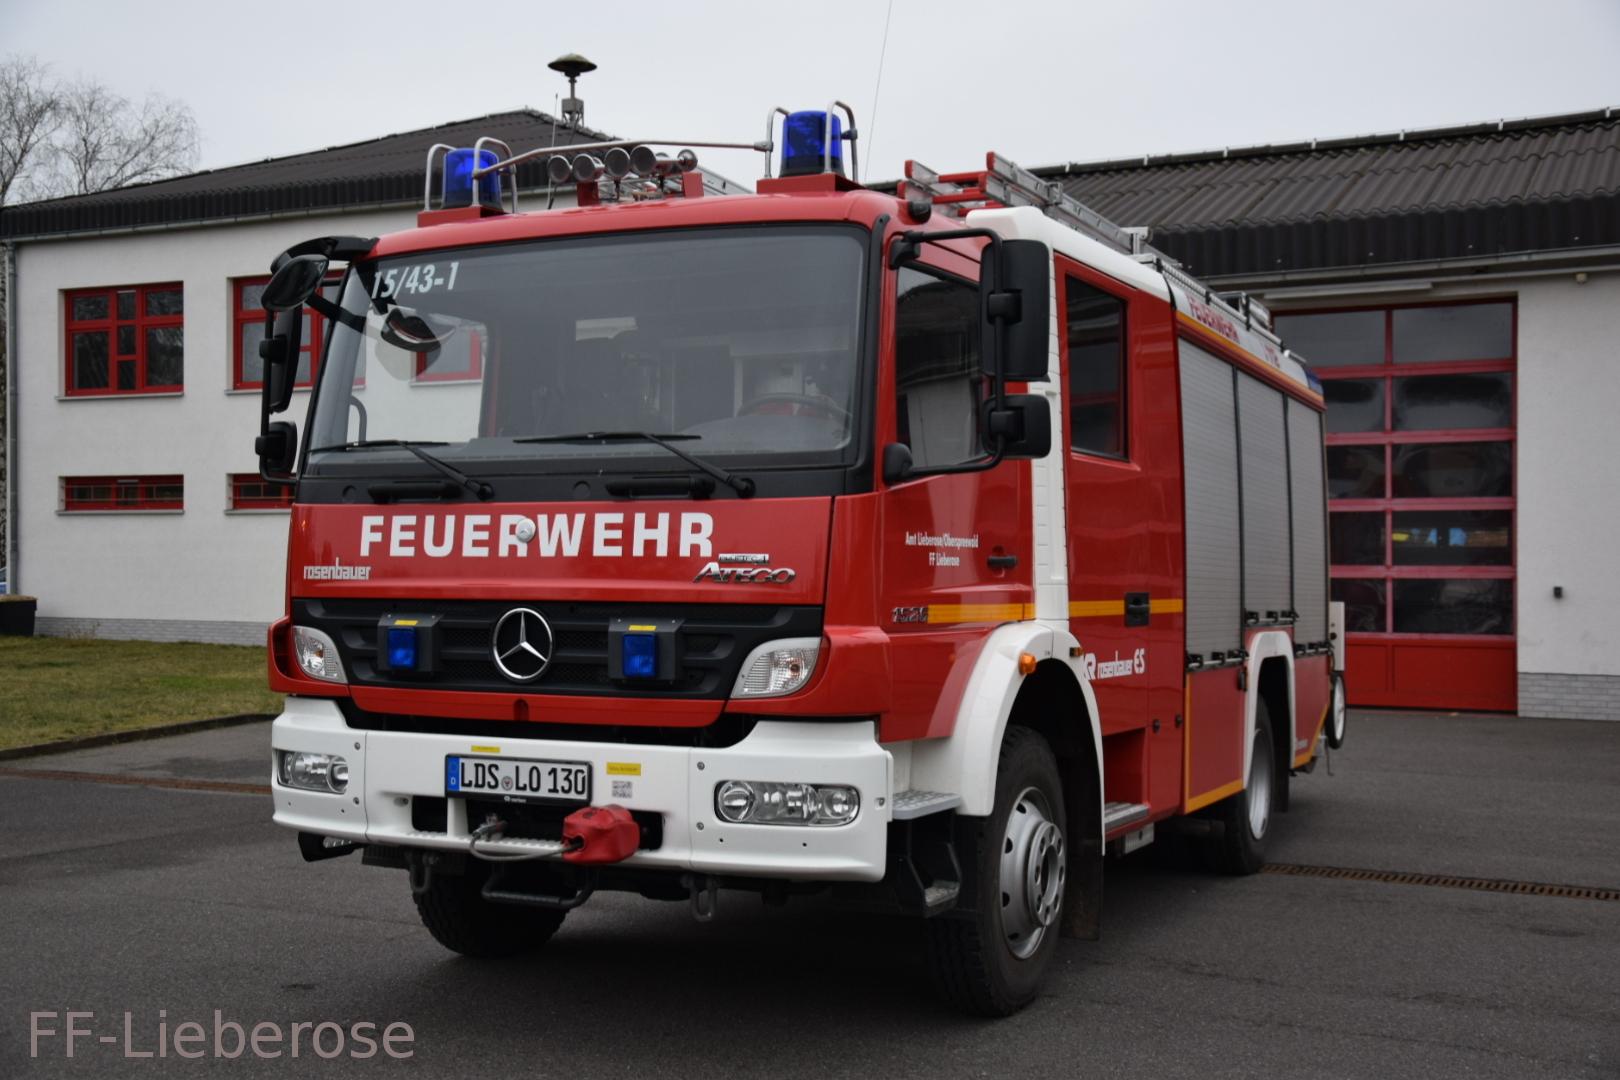 HLF20/16 FF Lieberose